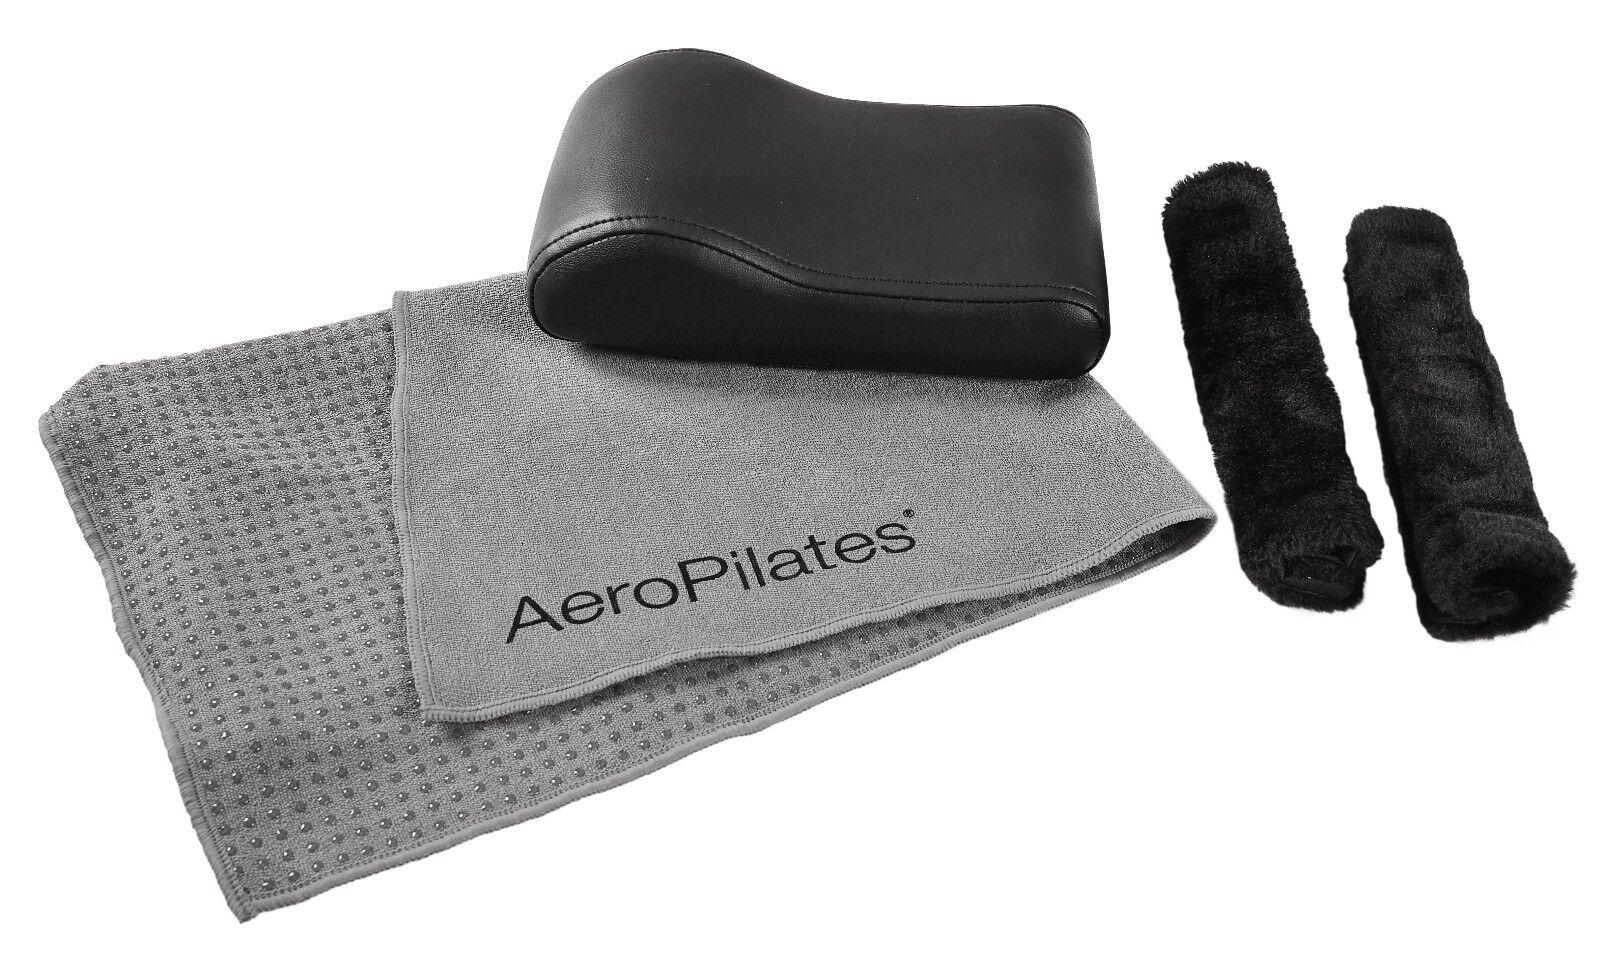 AeroPilates ACCESSORY ACCESSORY AeroPilates COMFORT KIT 55-0112 ea82d9